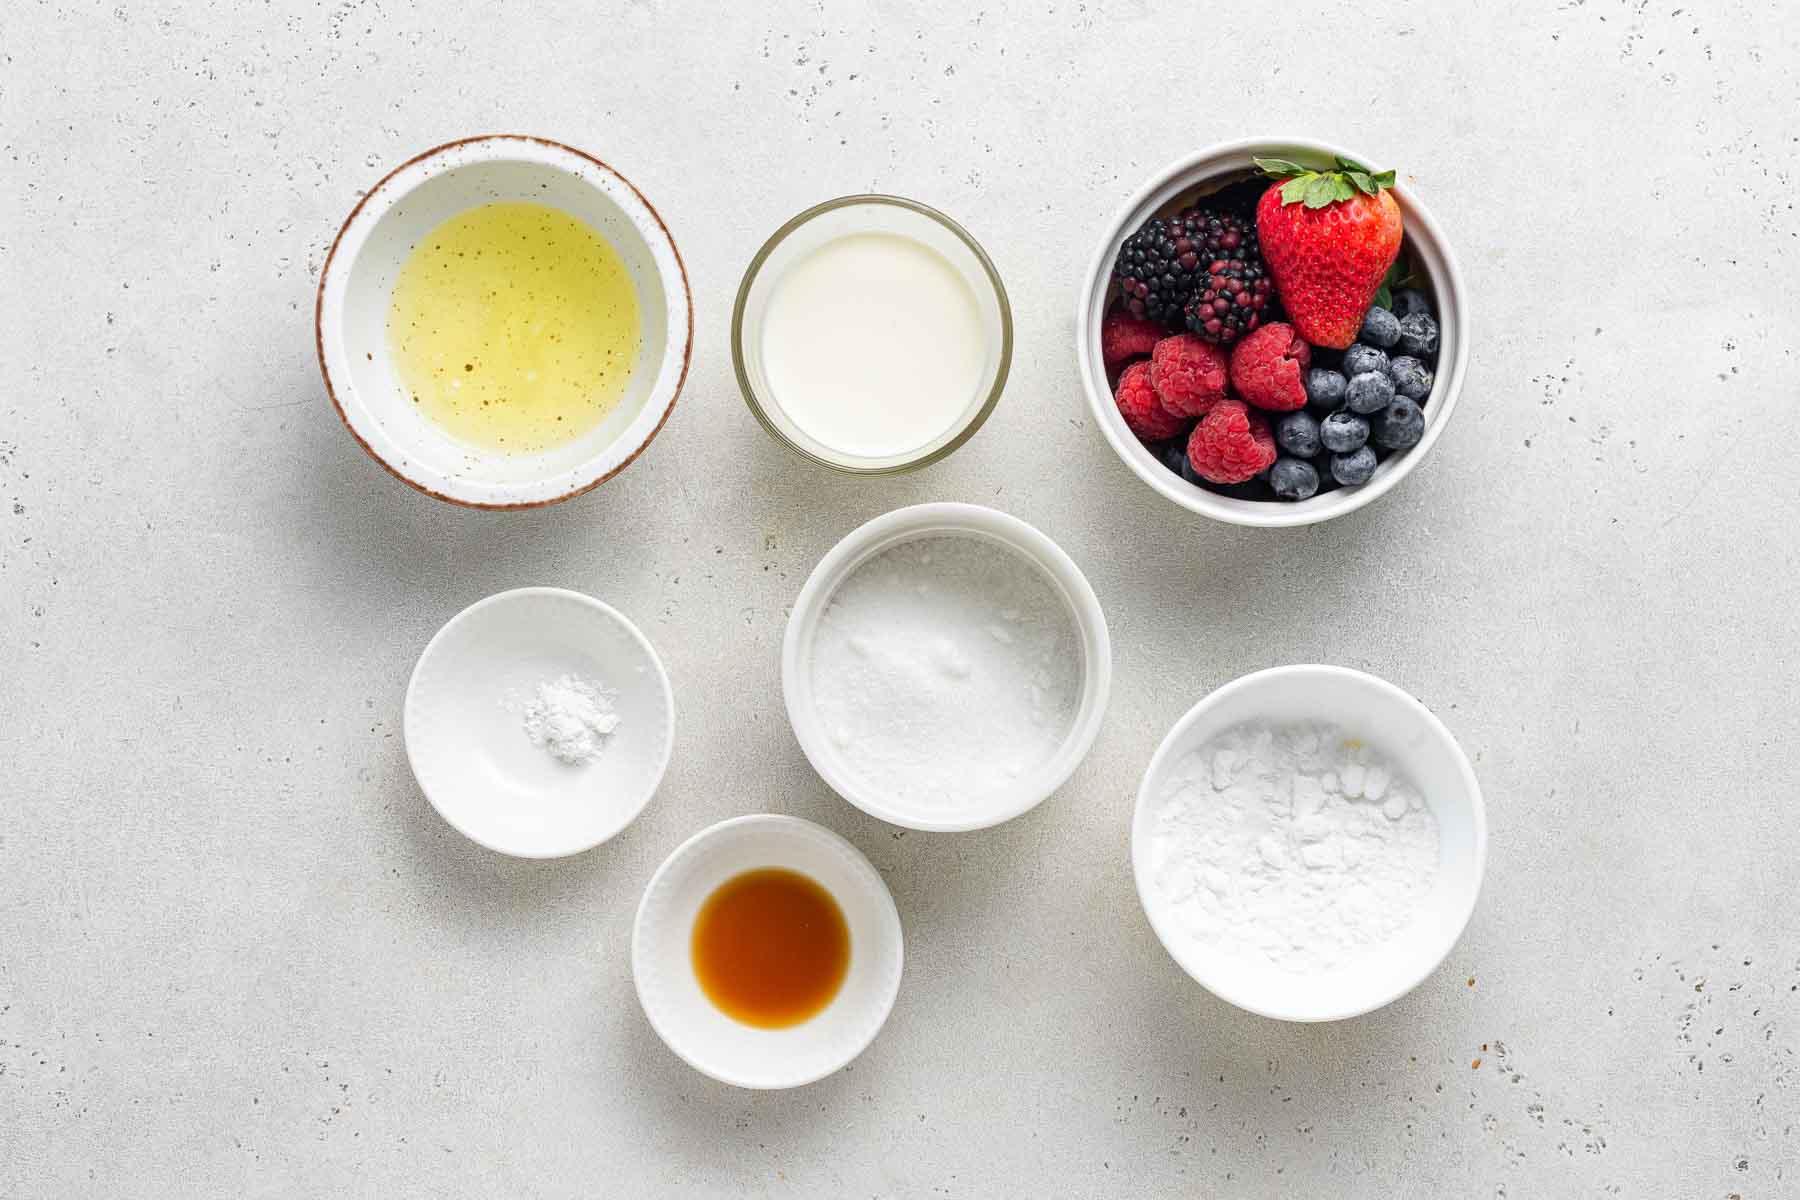 Ingredients for mini pavlova on white table.